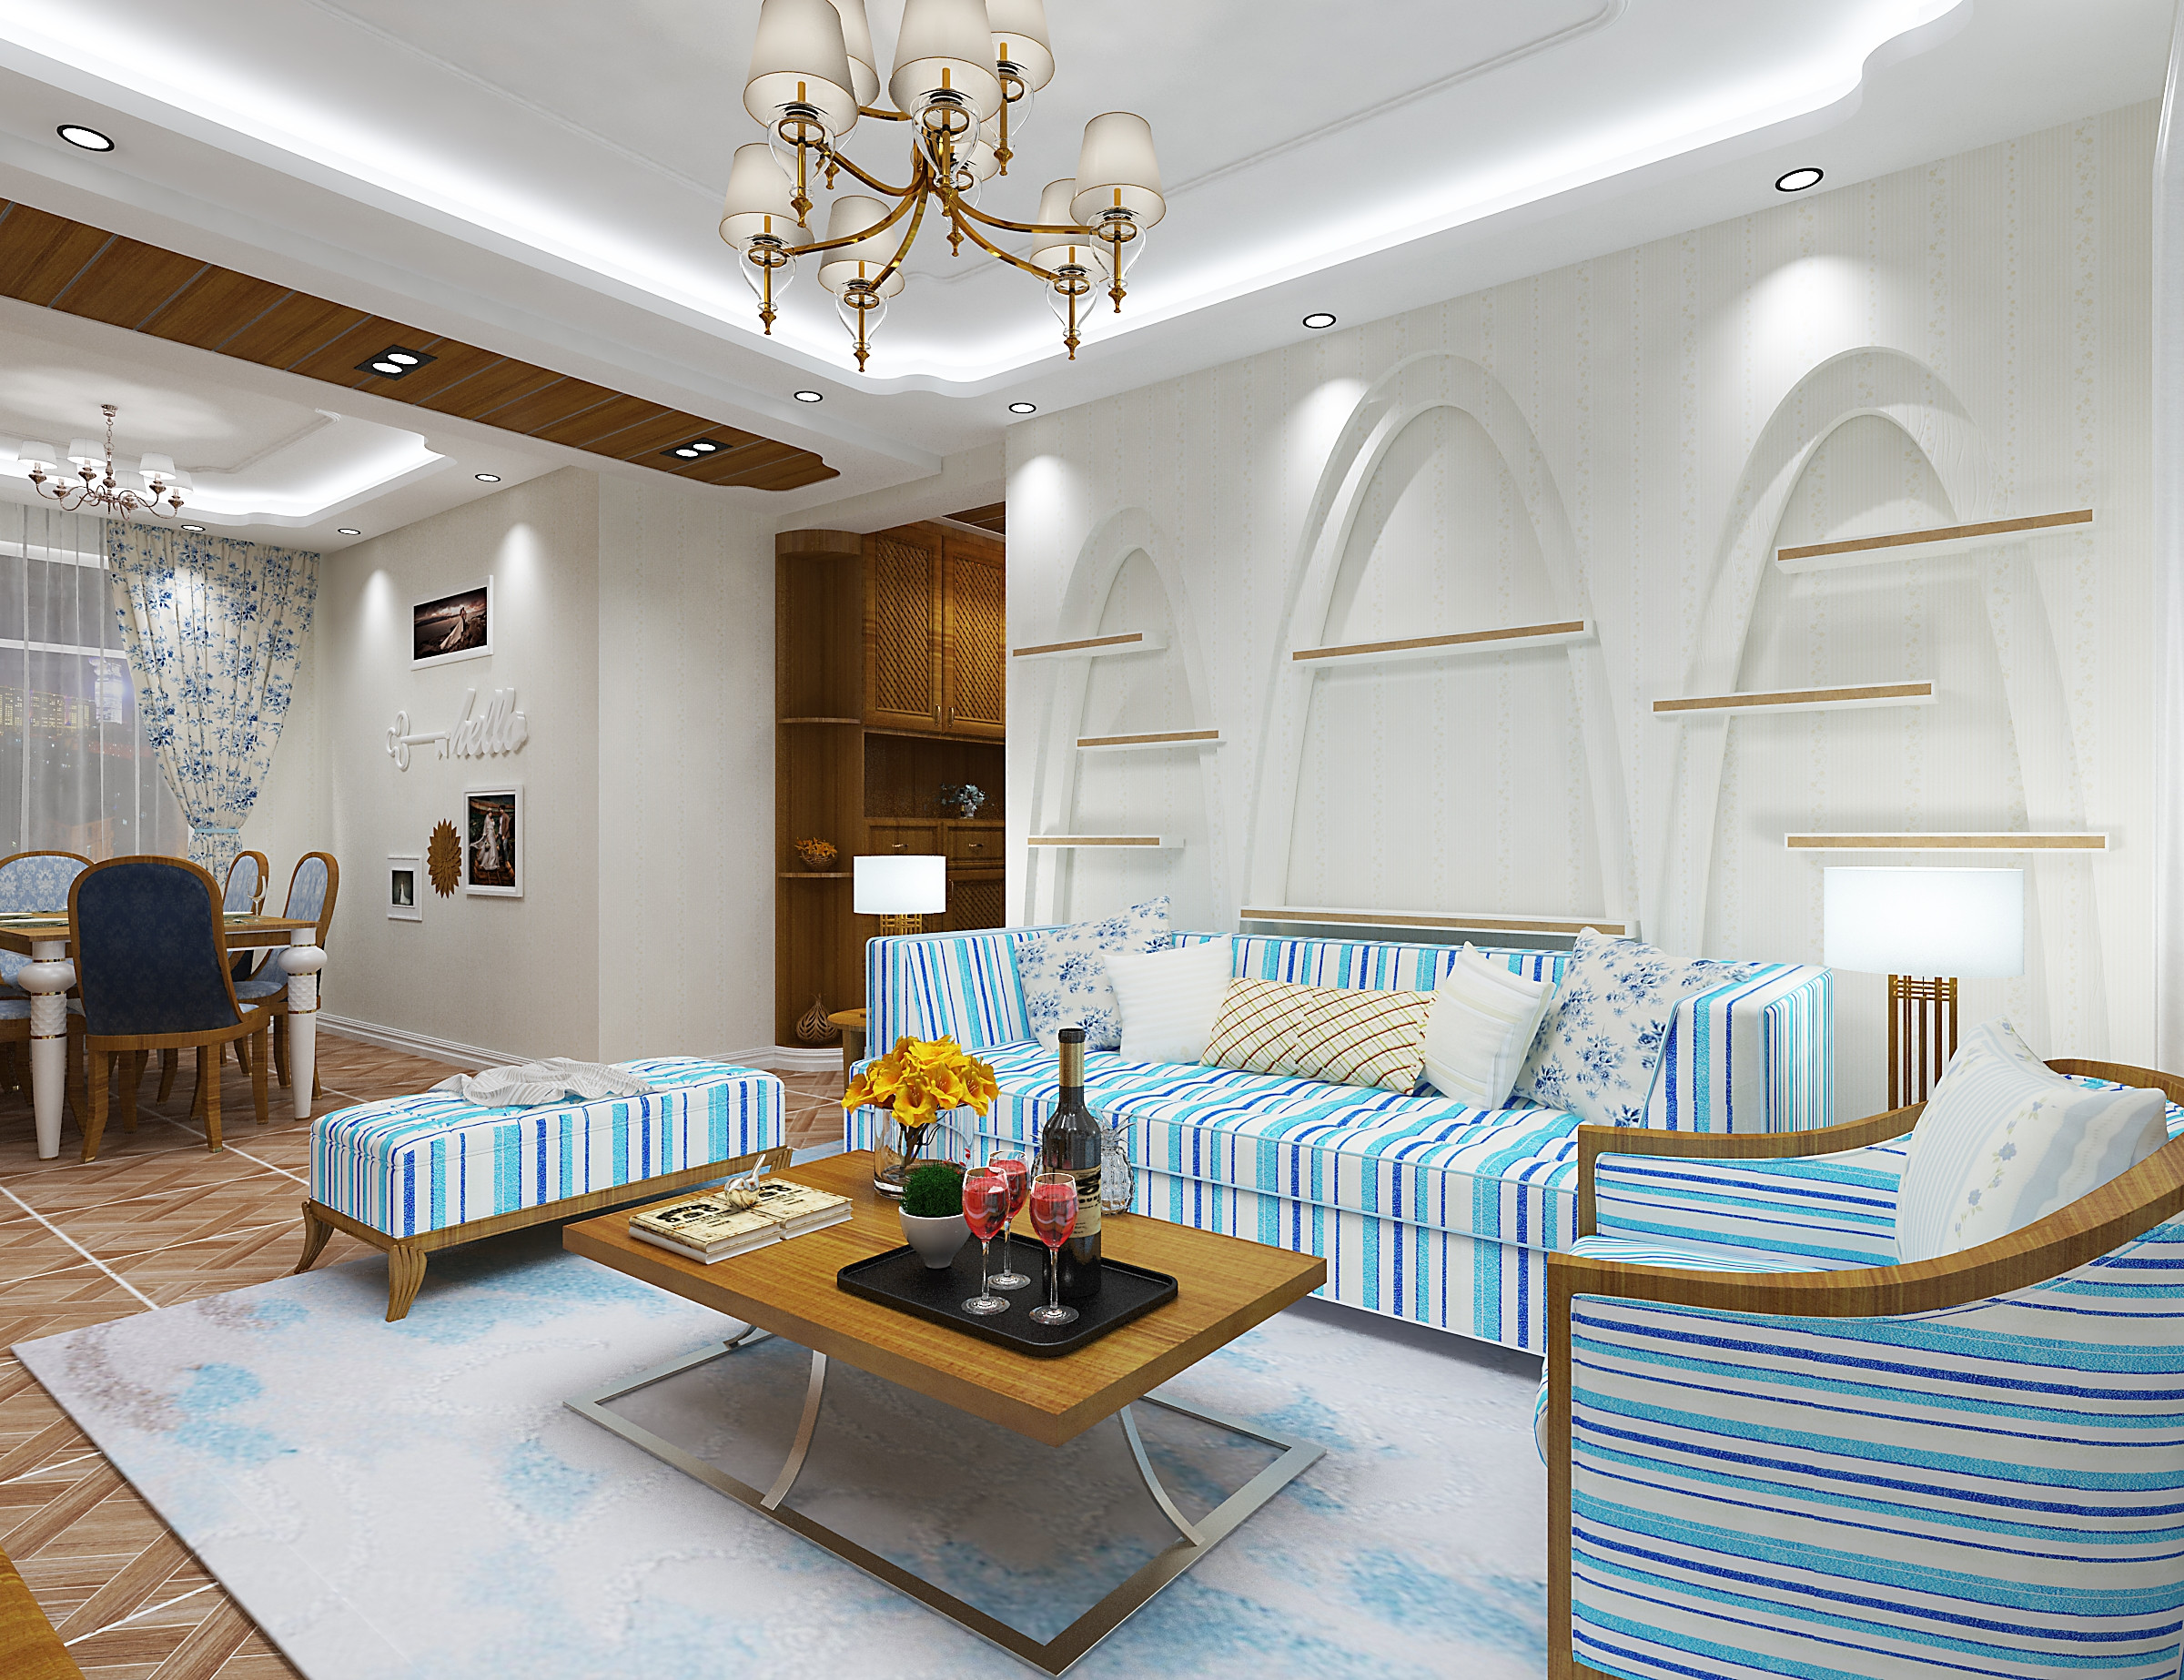 120㎡地中海风格装修沙发背景墙图片